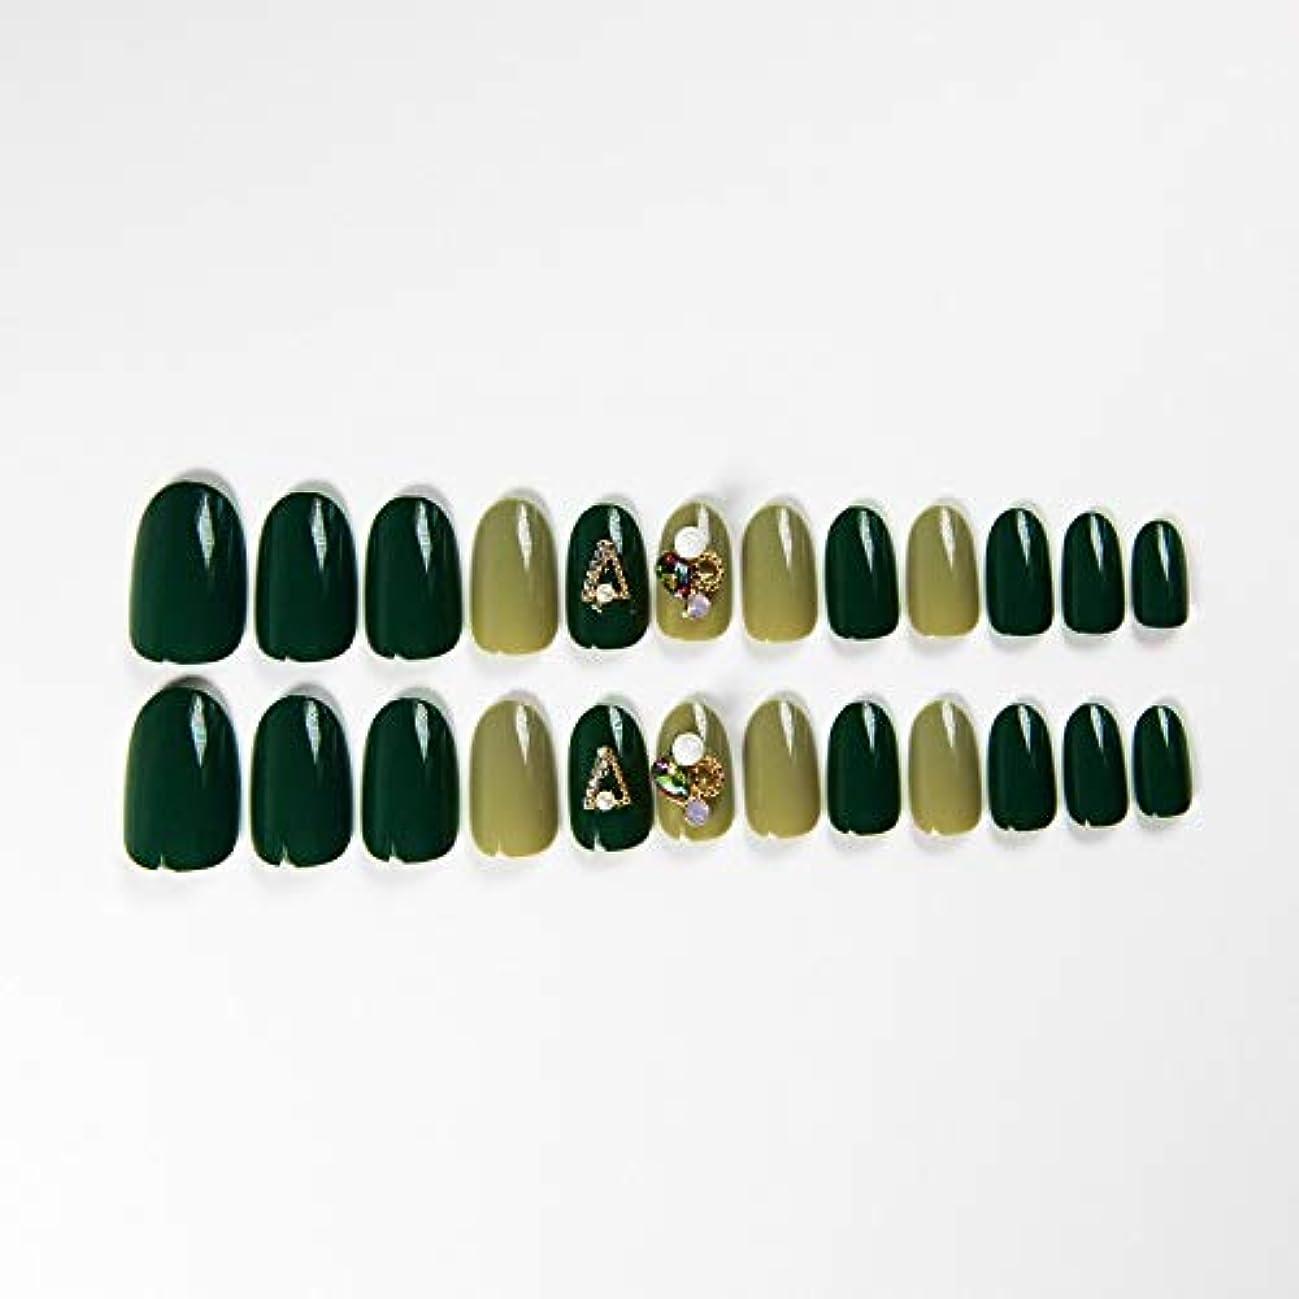 その低い複合AFAEF HOME 緑の偽爪キット24pcsアボカドの緑の偽の爪、接着剤付き